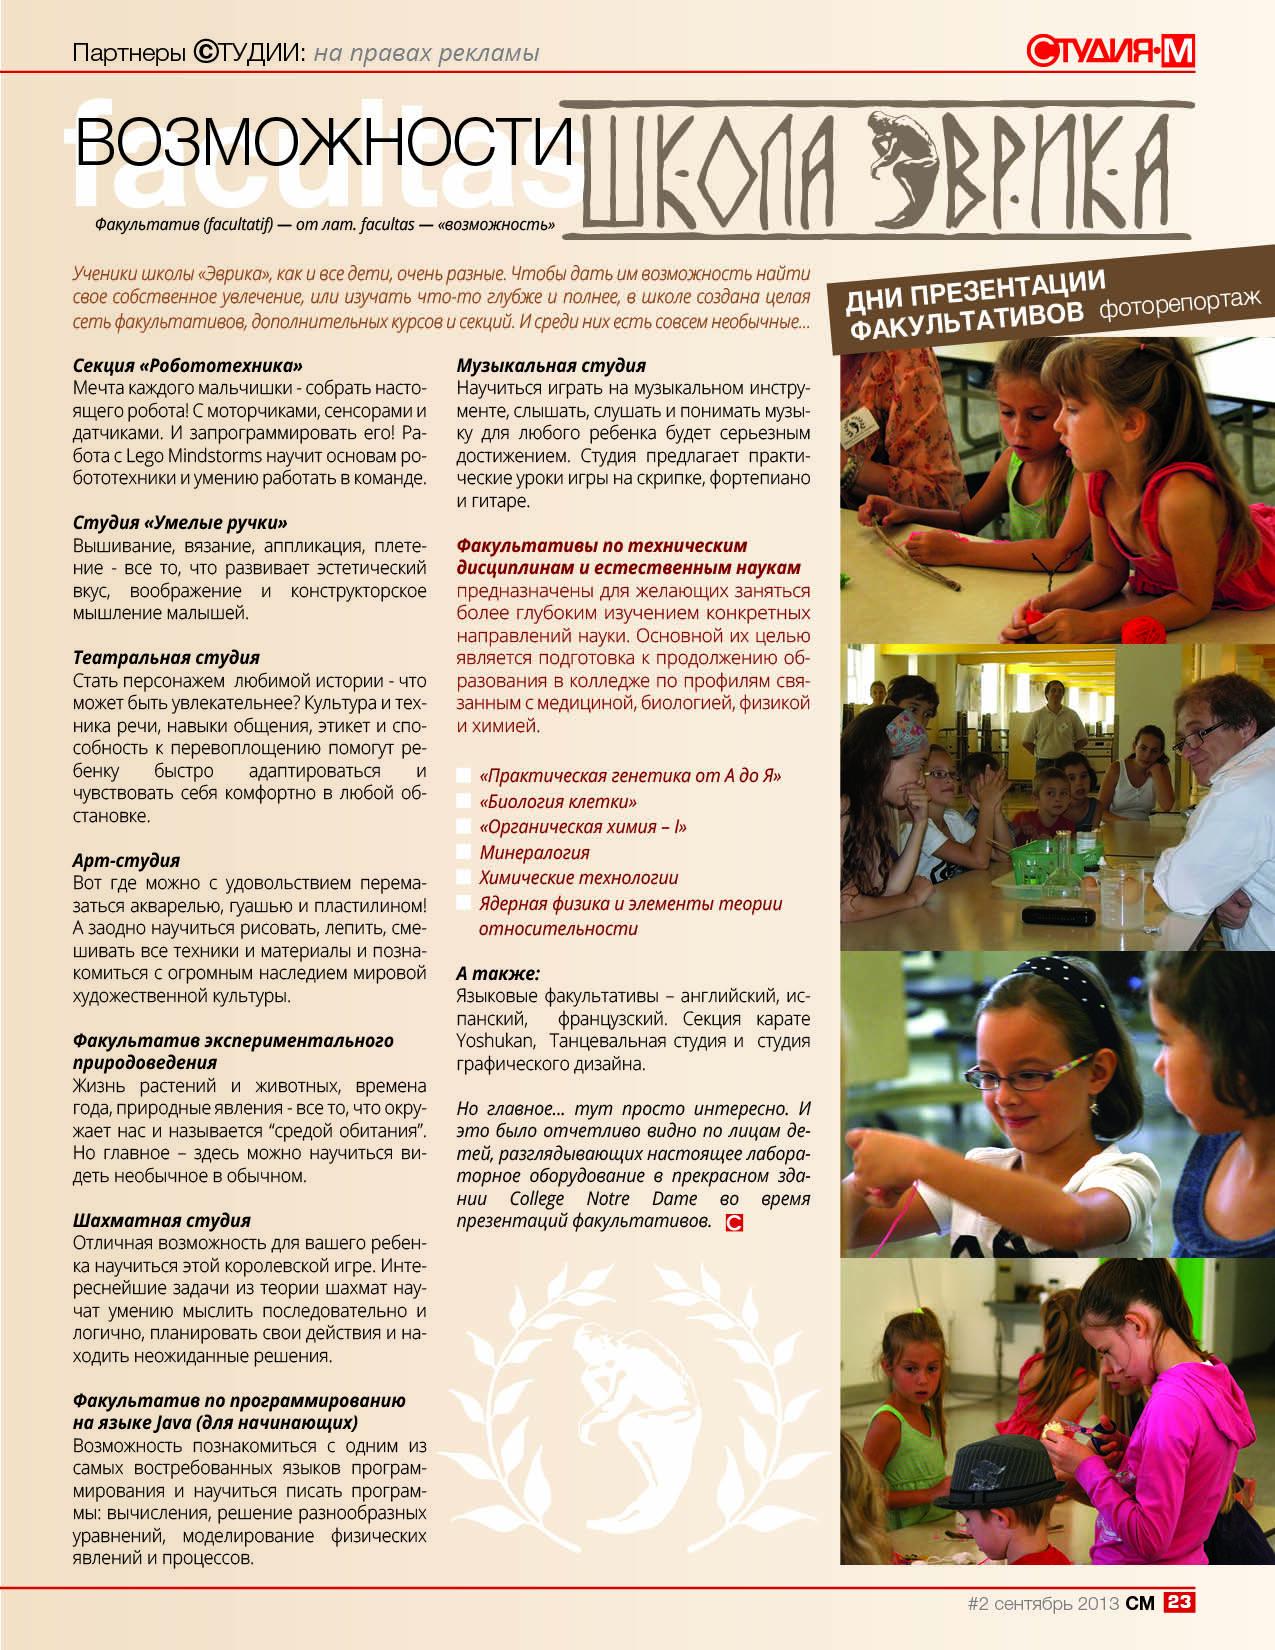 """Студия М #2 сентябрь 2013 """"Facultas - возможности"""""""